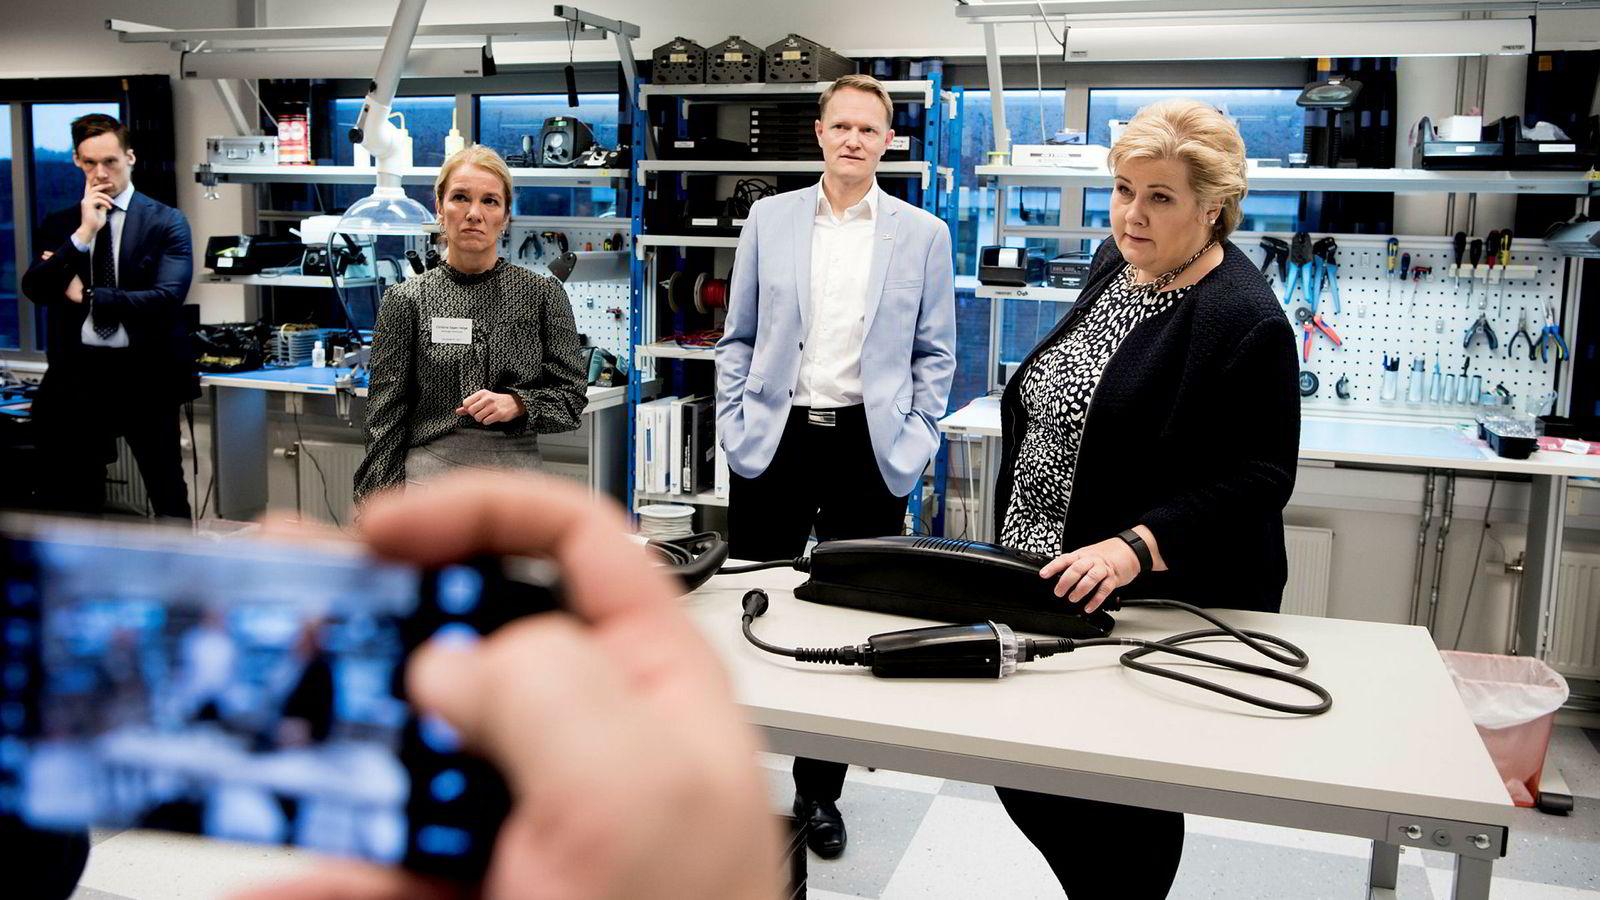 Statsminister Erna Solberg besøkte mandag bedriften Zaptec på Ullandhaug i Stavanger. Stavangerordfører Christine Sagen Helgø (til venstre) og daglig leder Brage Johansen skulle gjerne hatt klarere fornybarsignaler fra regjeringen.